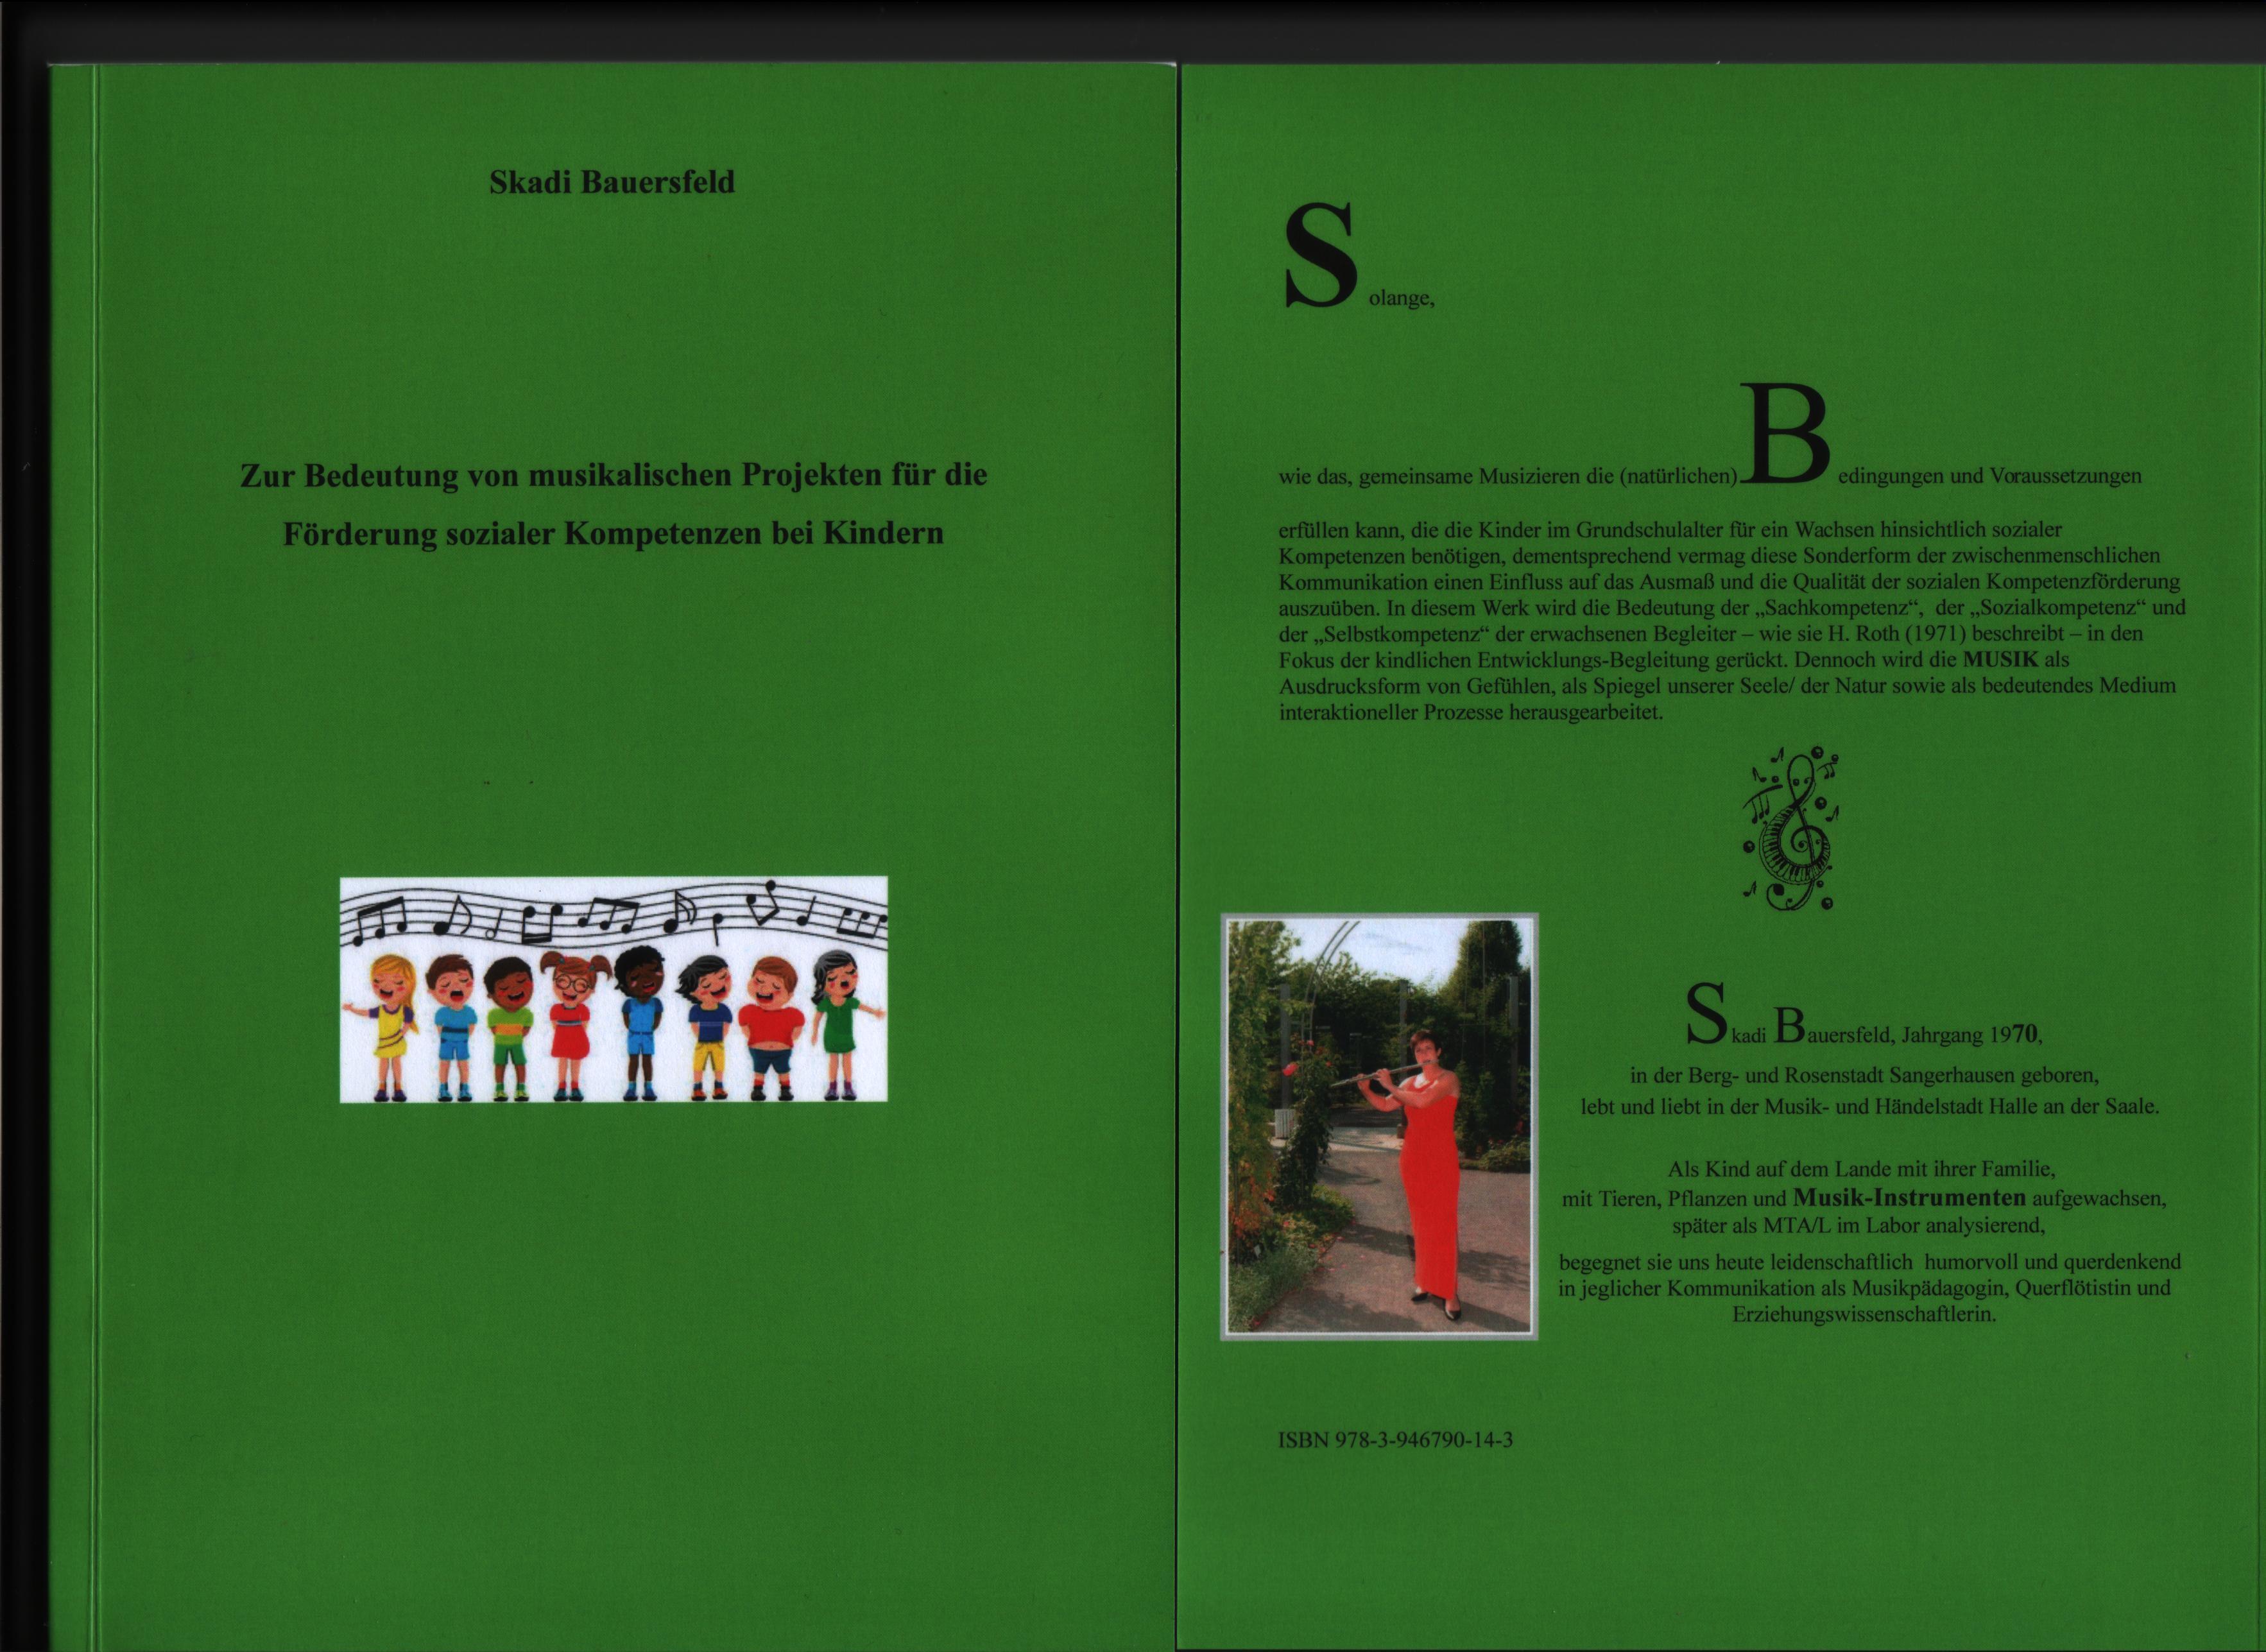 Soziale Kompetenzen: Alle Bücher und Publikation zum Thema